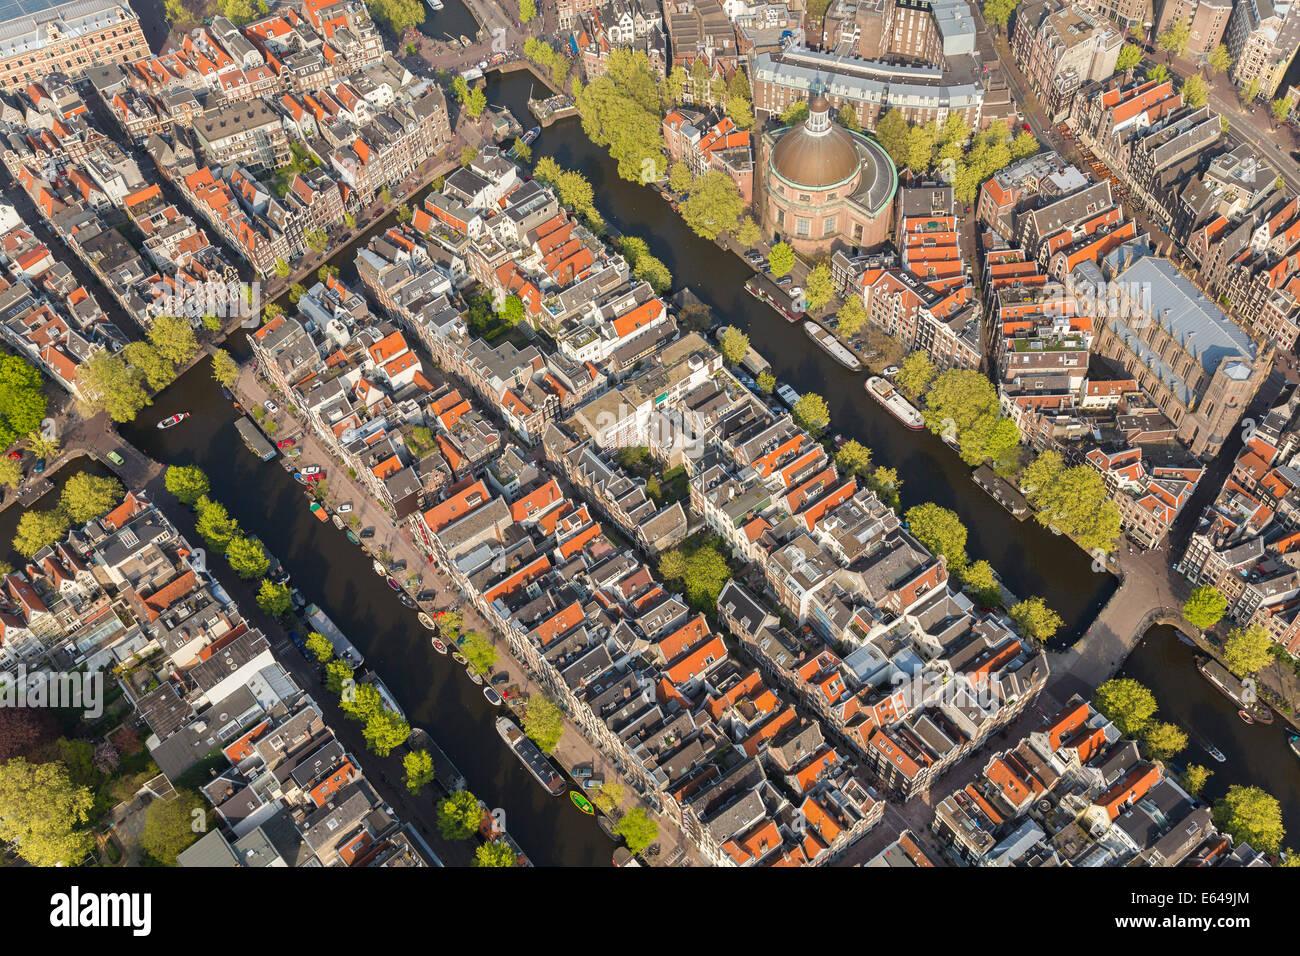 Vista aérea de Amsterdam, Holanda, Países Bajos Imagen De Stock